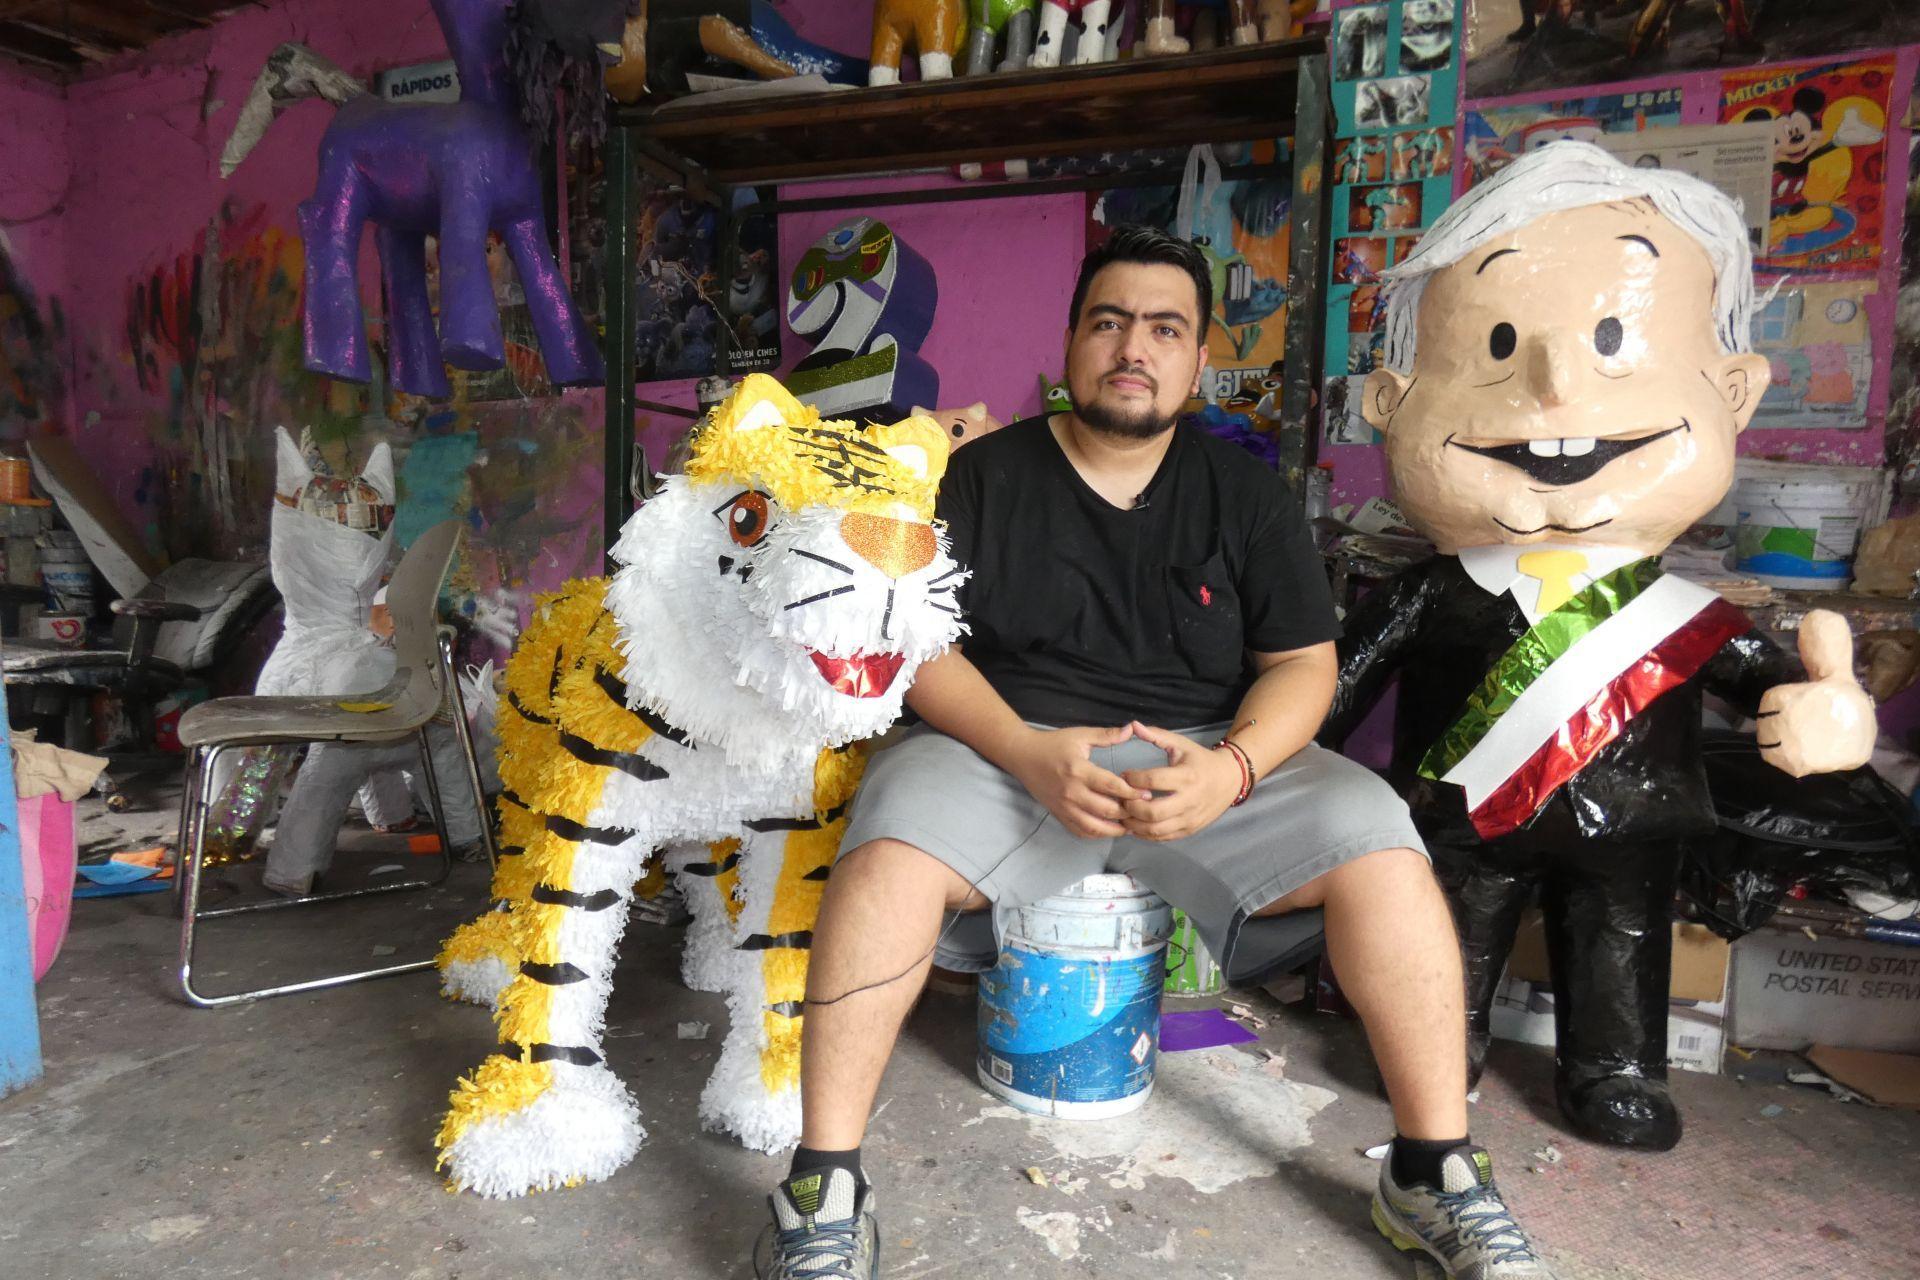 Fotografíafechadaelviernes4deabrilde2018,quemuestraalartesanoDaltónJavierávalosmientrasposaensunegociodepiñatas,enlaciudaddeReynosa,enelestadodeTamaulipas(México)